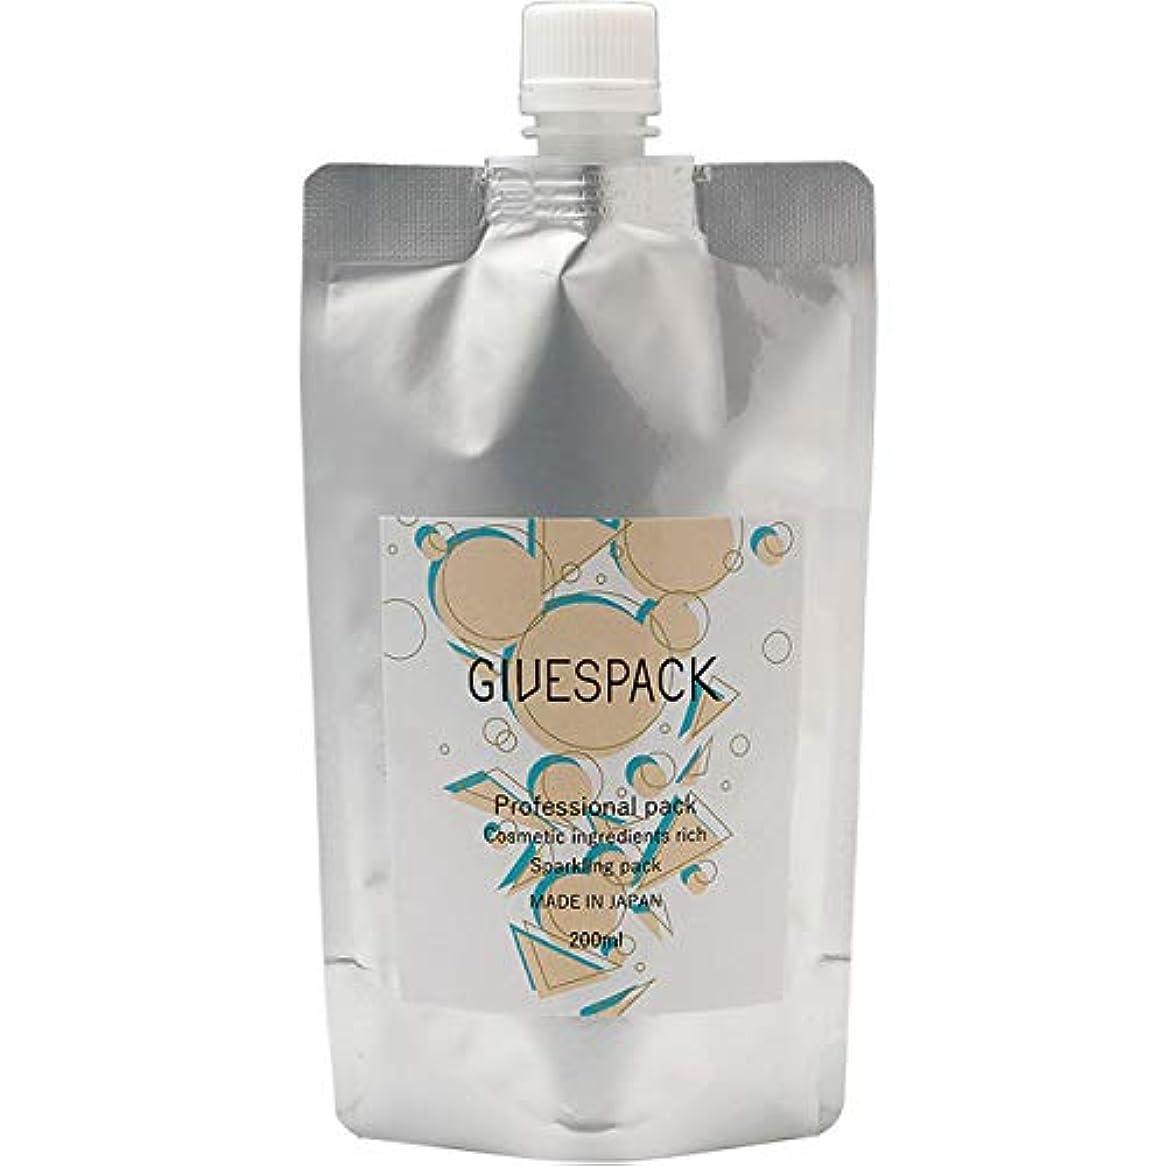 スチュワーデスコンベンション偏心NAVAN ギブスパック 炭酸パック 自宅エステ 手軽な一剤式(混ぜない) オールインワン 200ml たっぷり約23回分